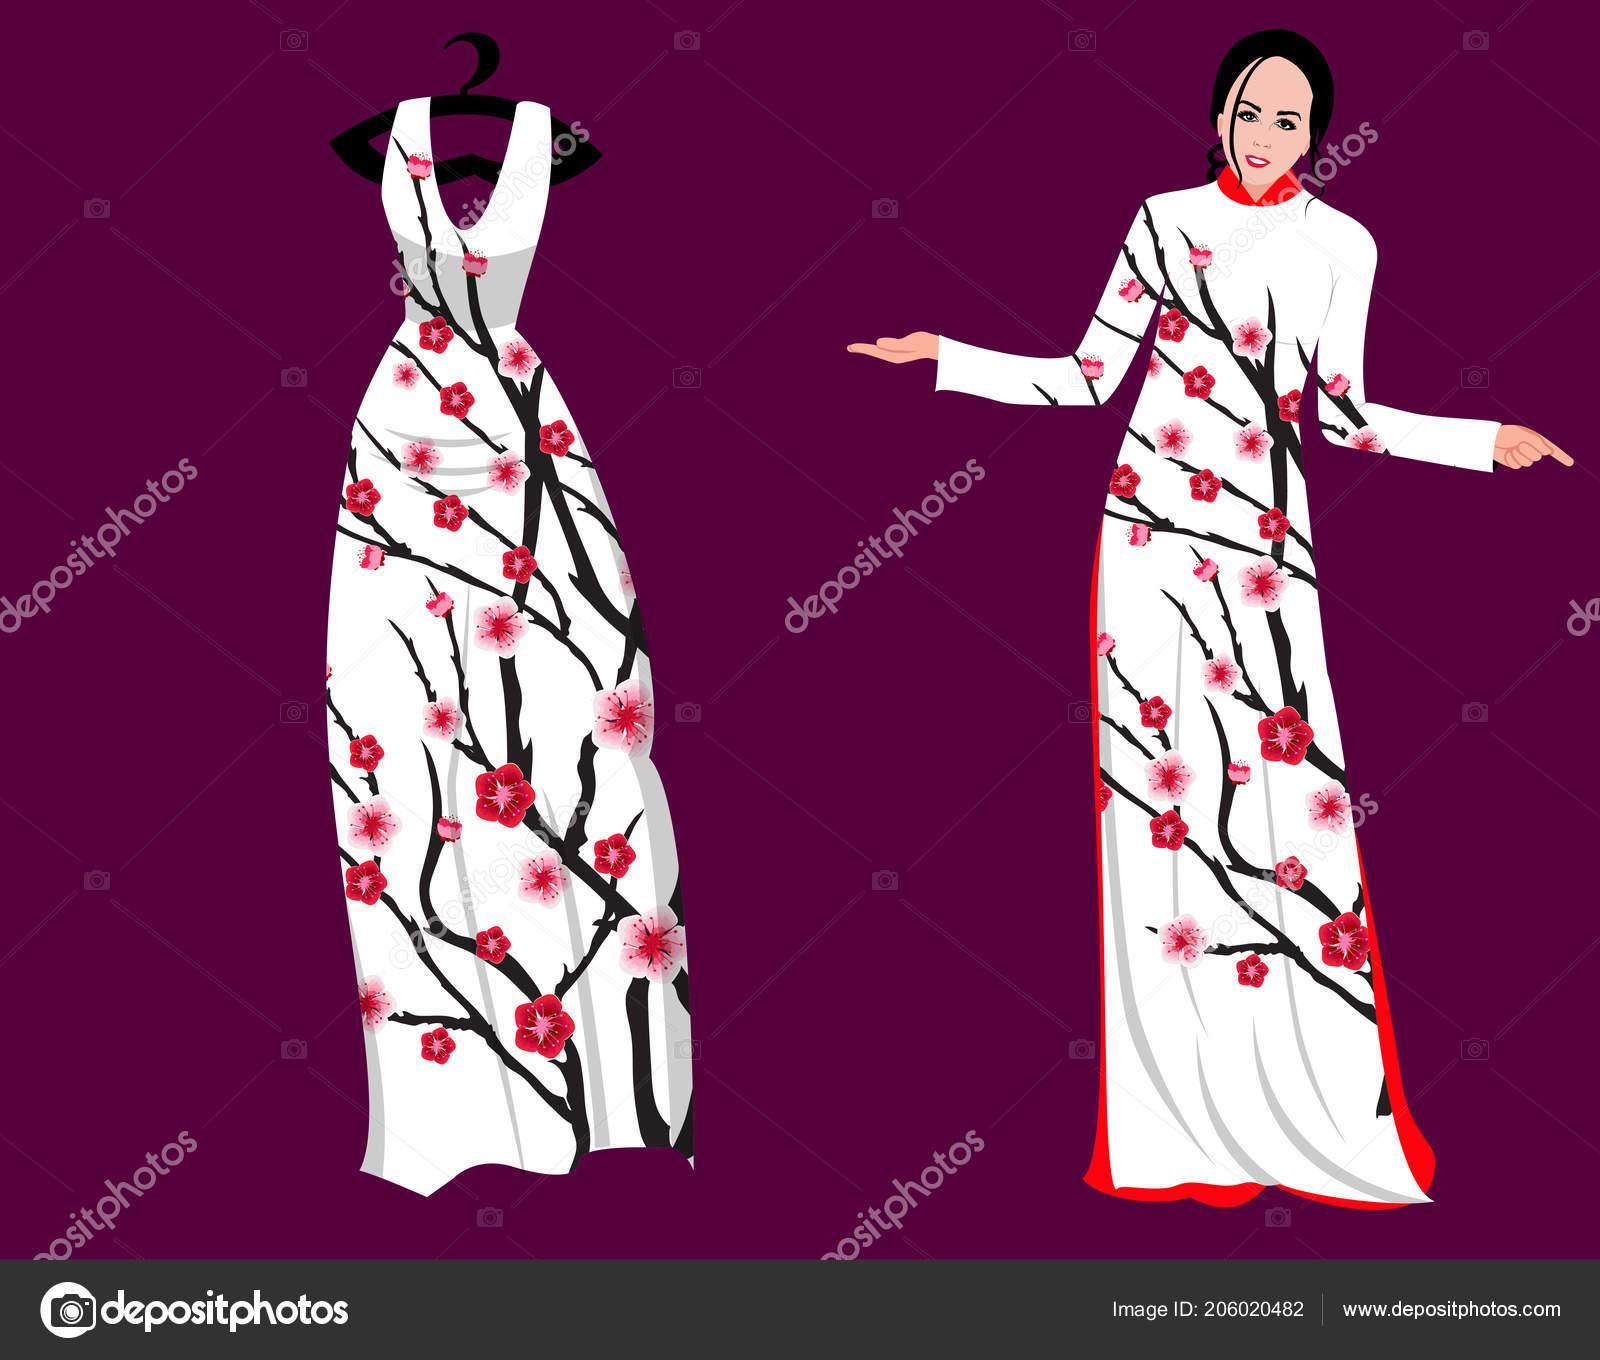 5ef1d6830012 Ανθισμένες κερασιές στο μακρύ φόρεμα για ευτυχισμένος Κινέζοs νέο έτος του  φορέα — Διάνυσμα με ...